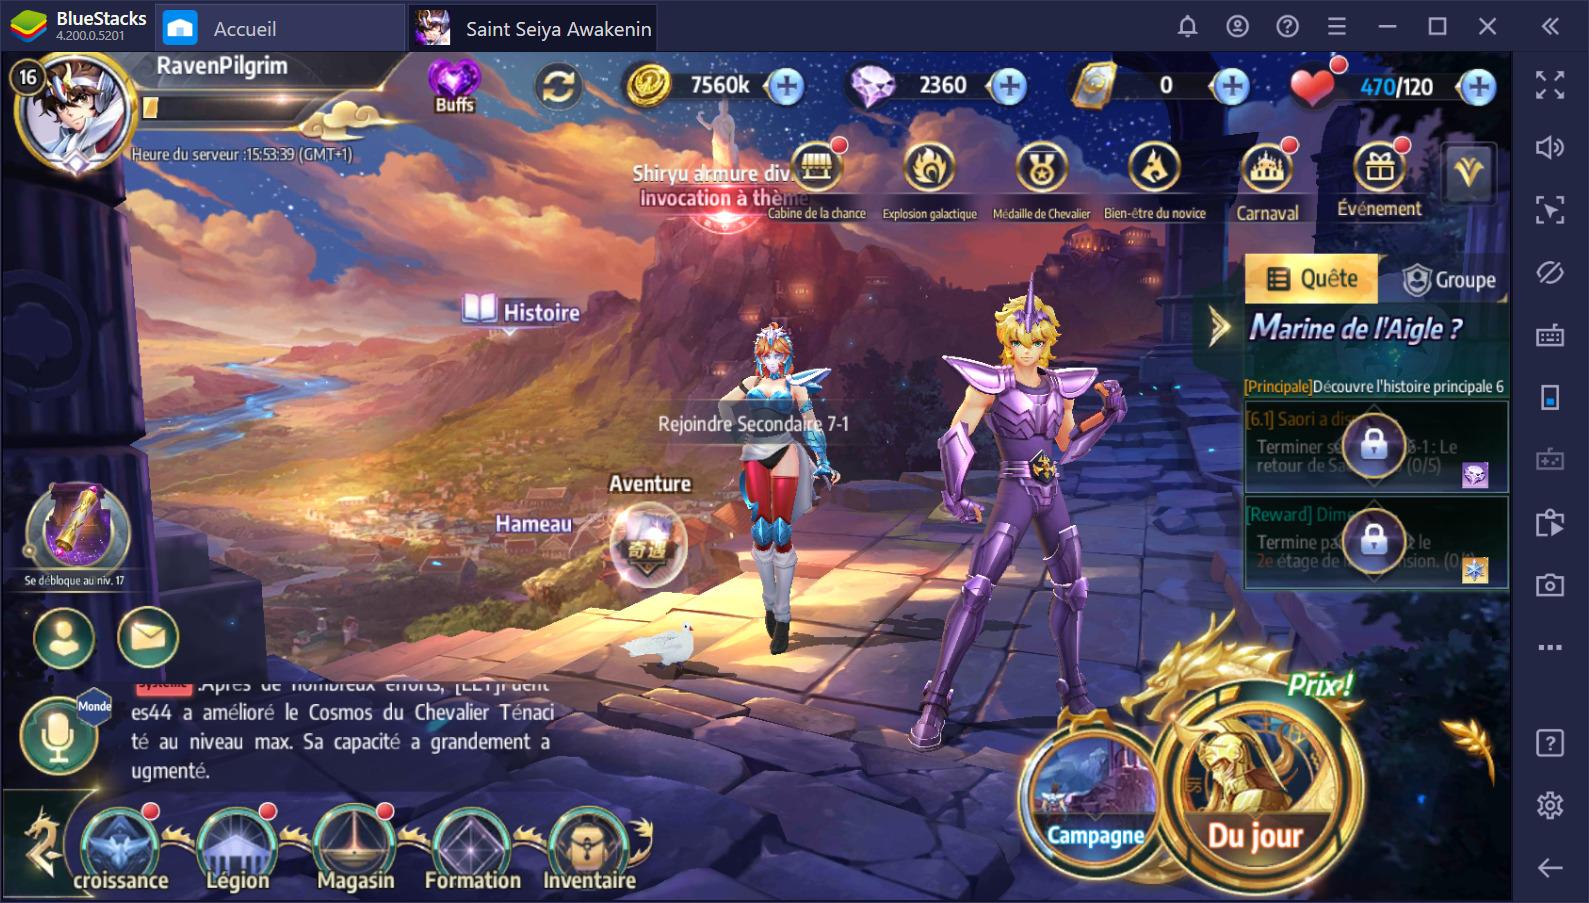 Jouez à Saint Seiya Awakening sur PC comme jamais auparavant grâce aux macros de BlueStacks